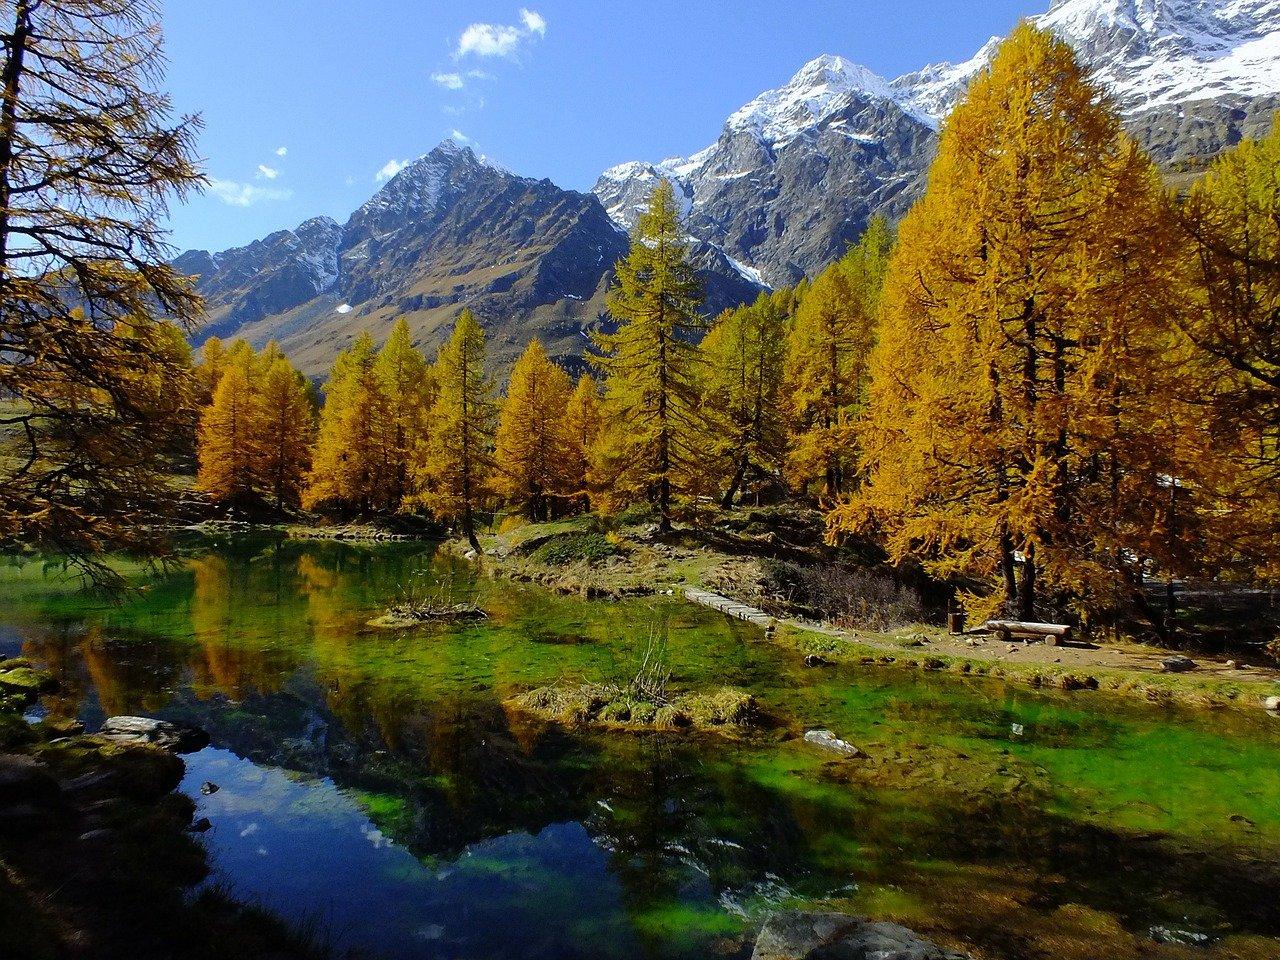 lago bleu, Valle d'Aosta